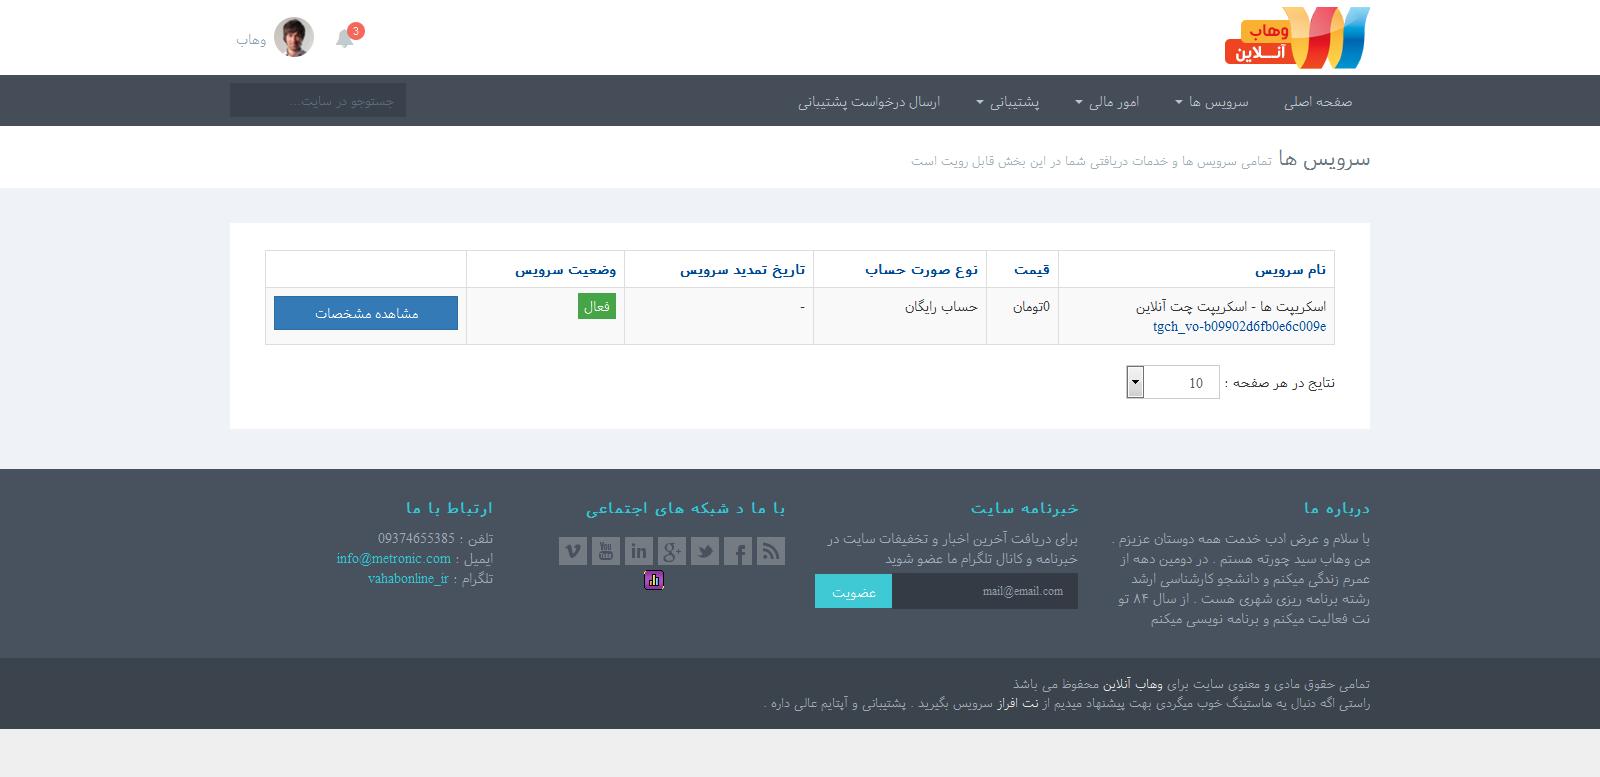 قالب whmcs فروش فایل پشتیبان